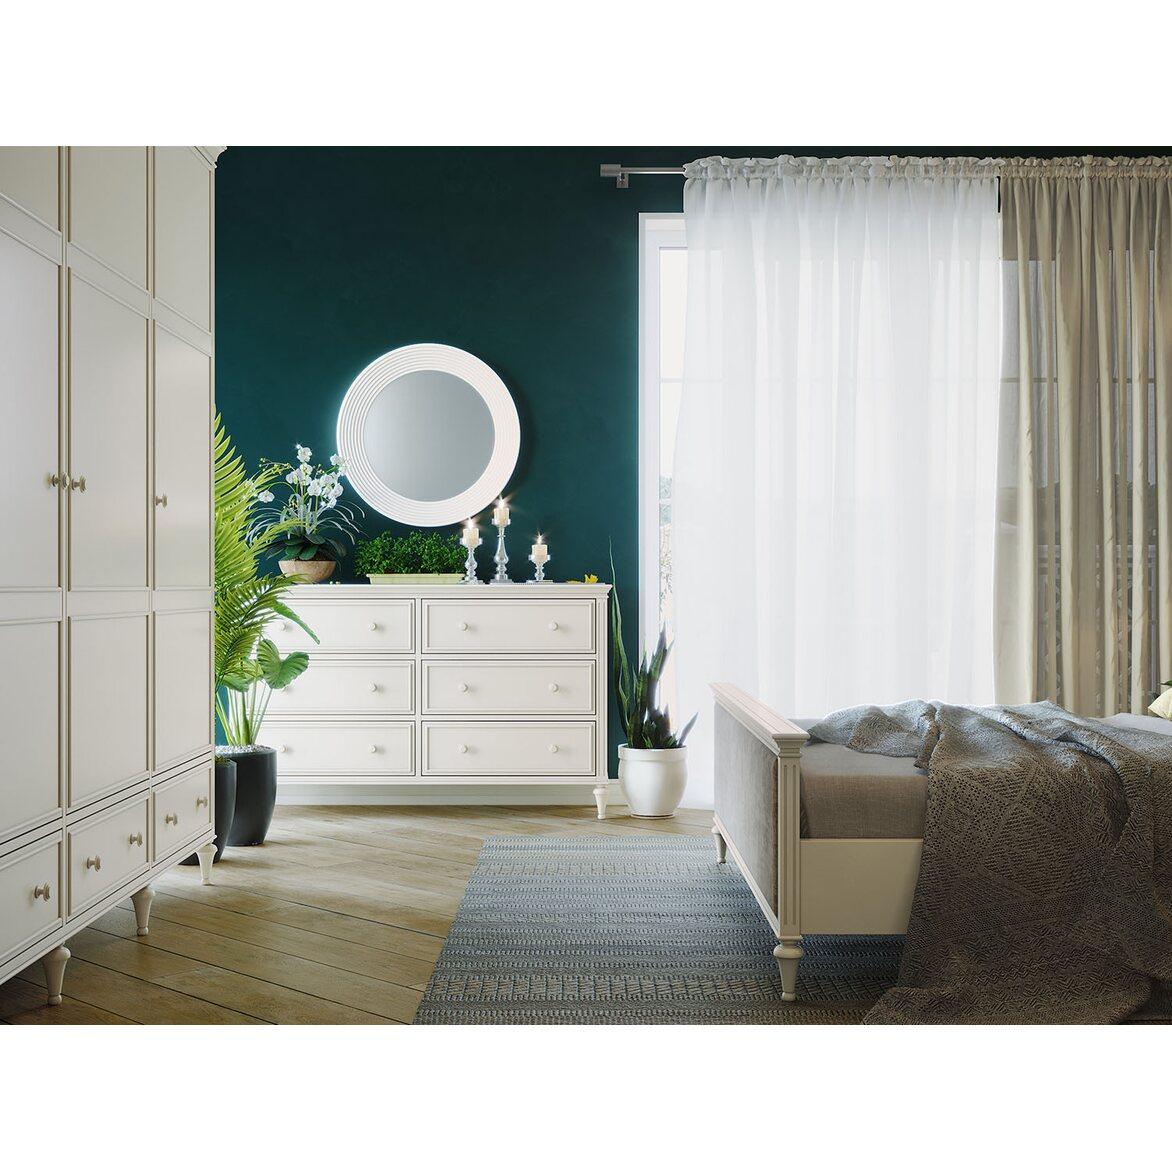 Кровать Riverdi с мягким изголовьем 4 | Двуспальные кровати Kingsby